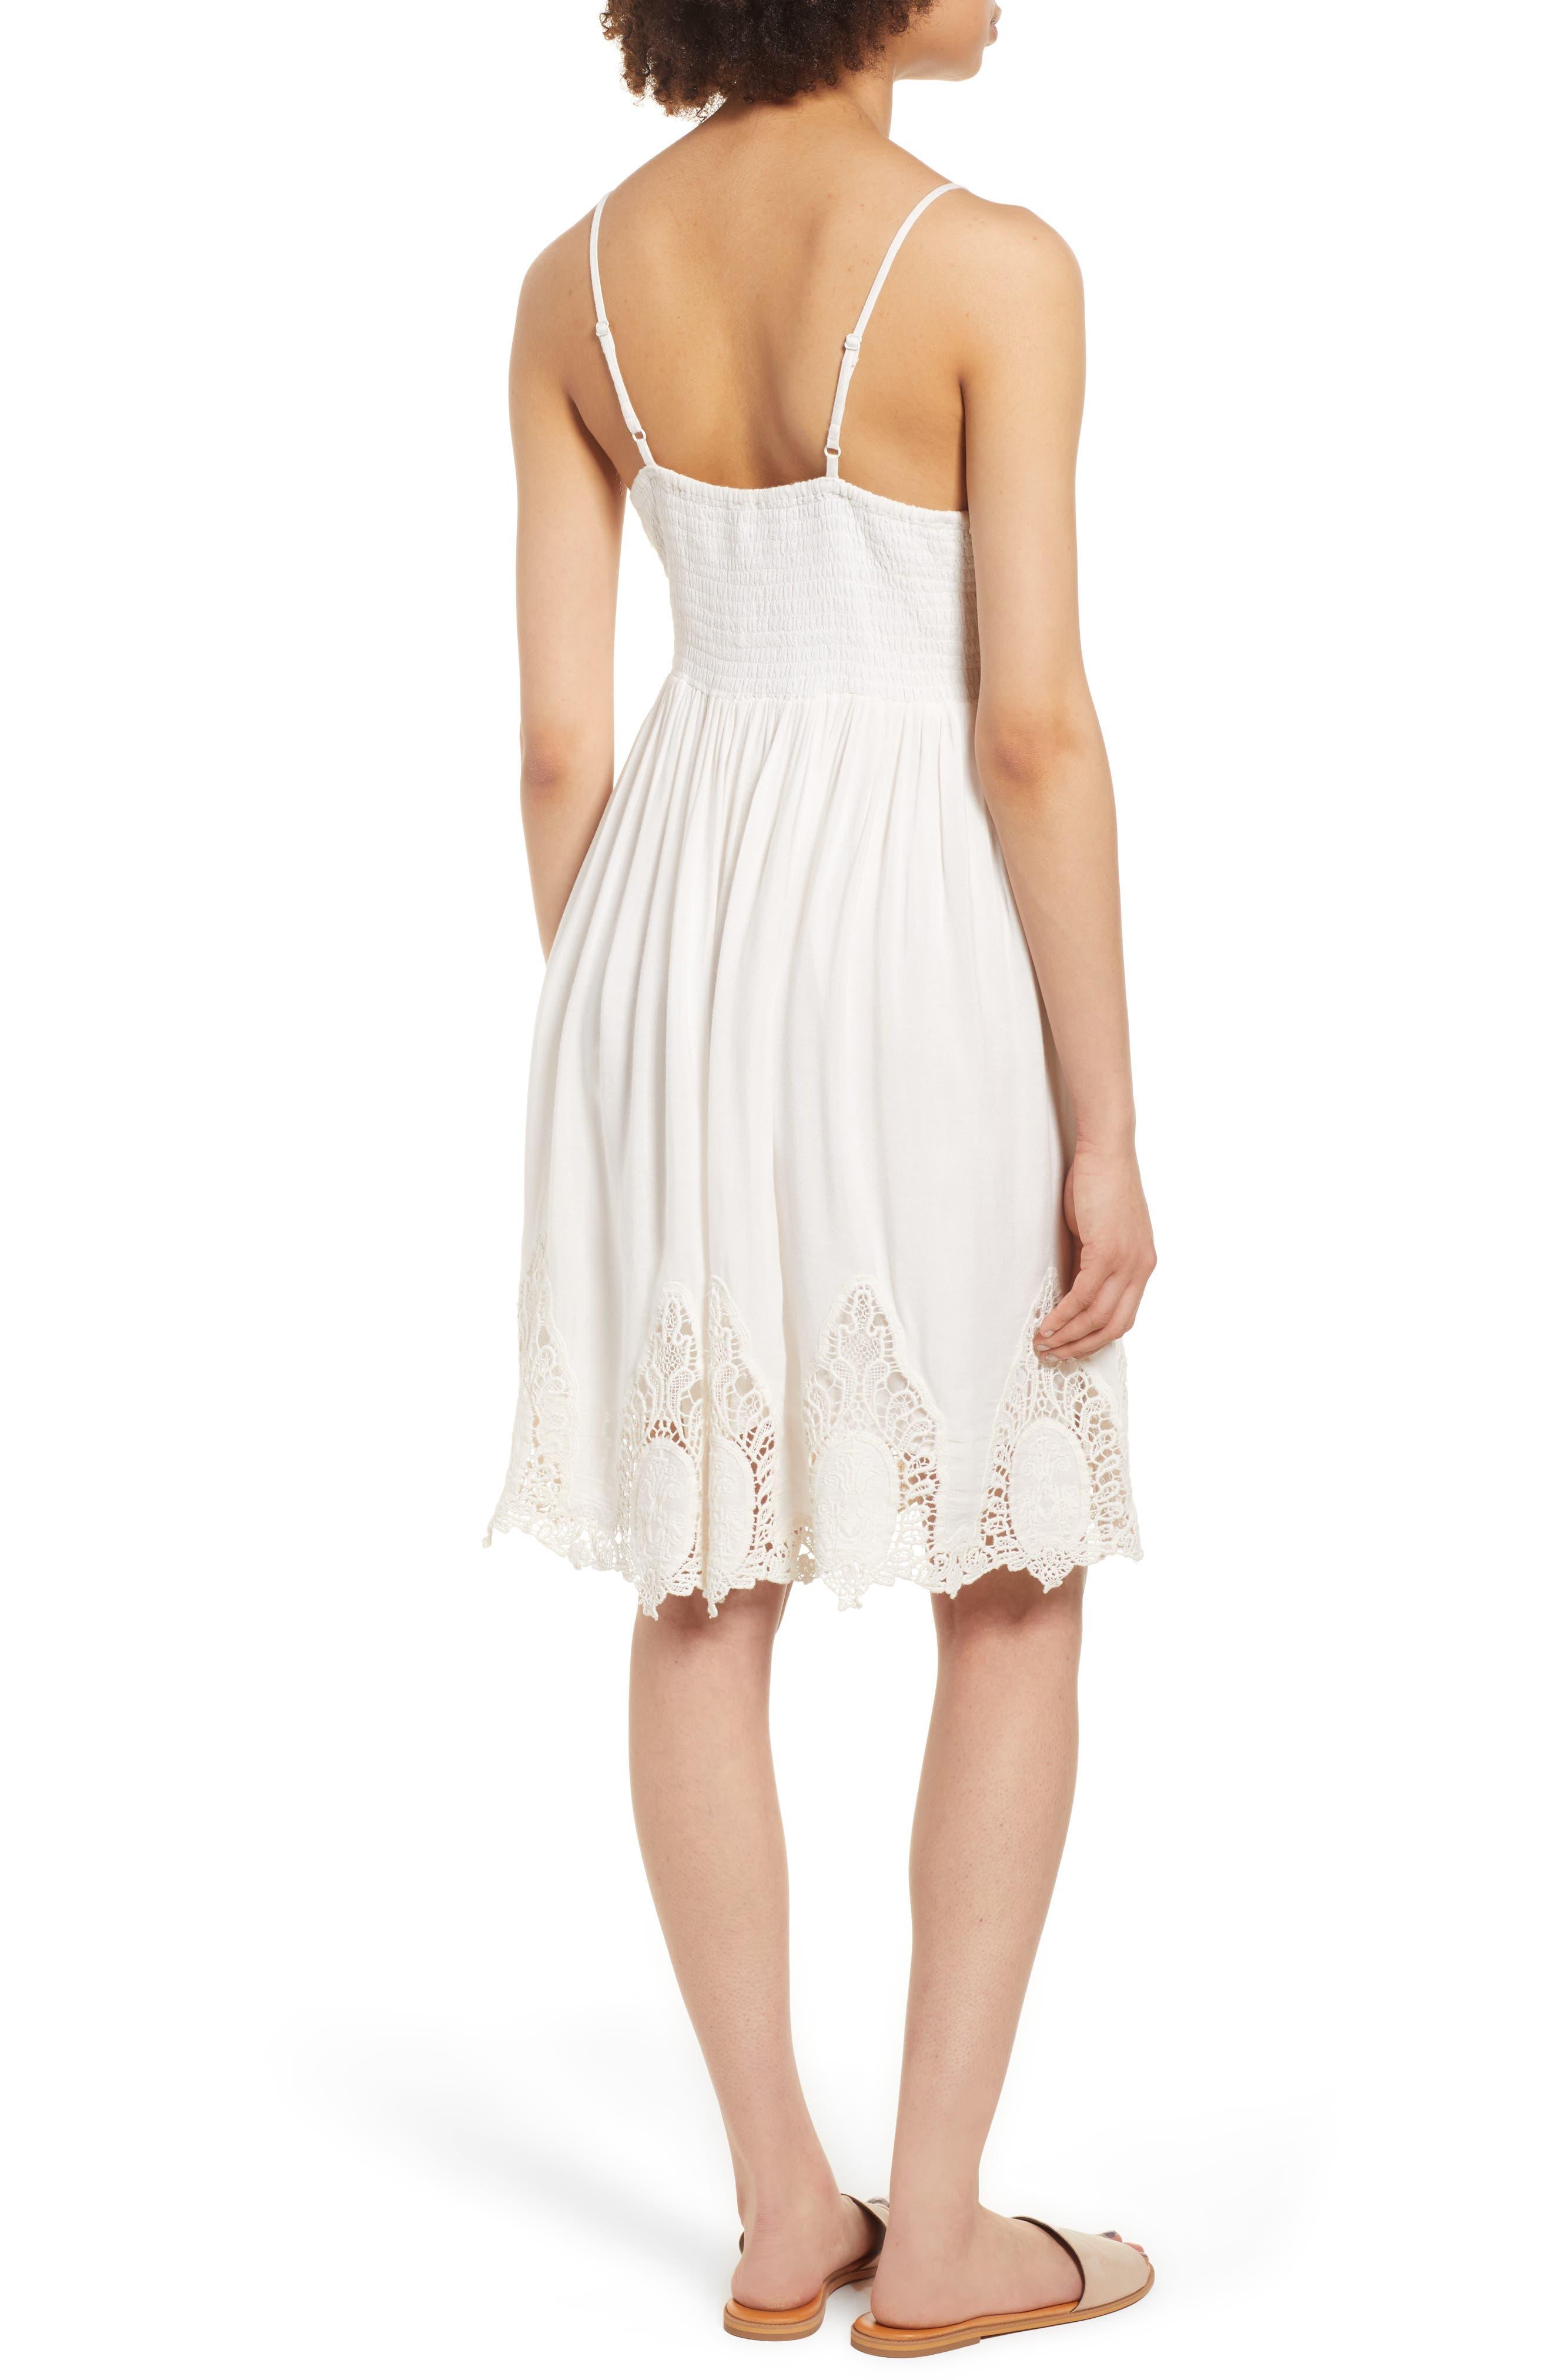 Janika Crochet & Lace Trim Dress,                             Alternate thumbnail 3, color,                             Eggshell